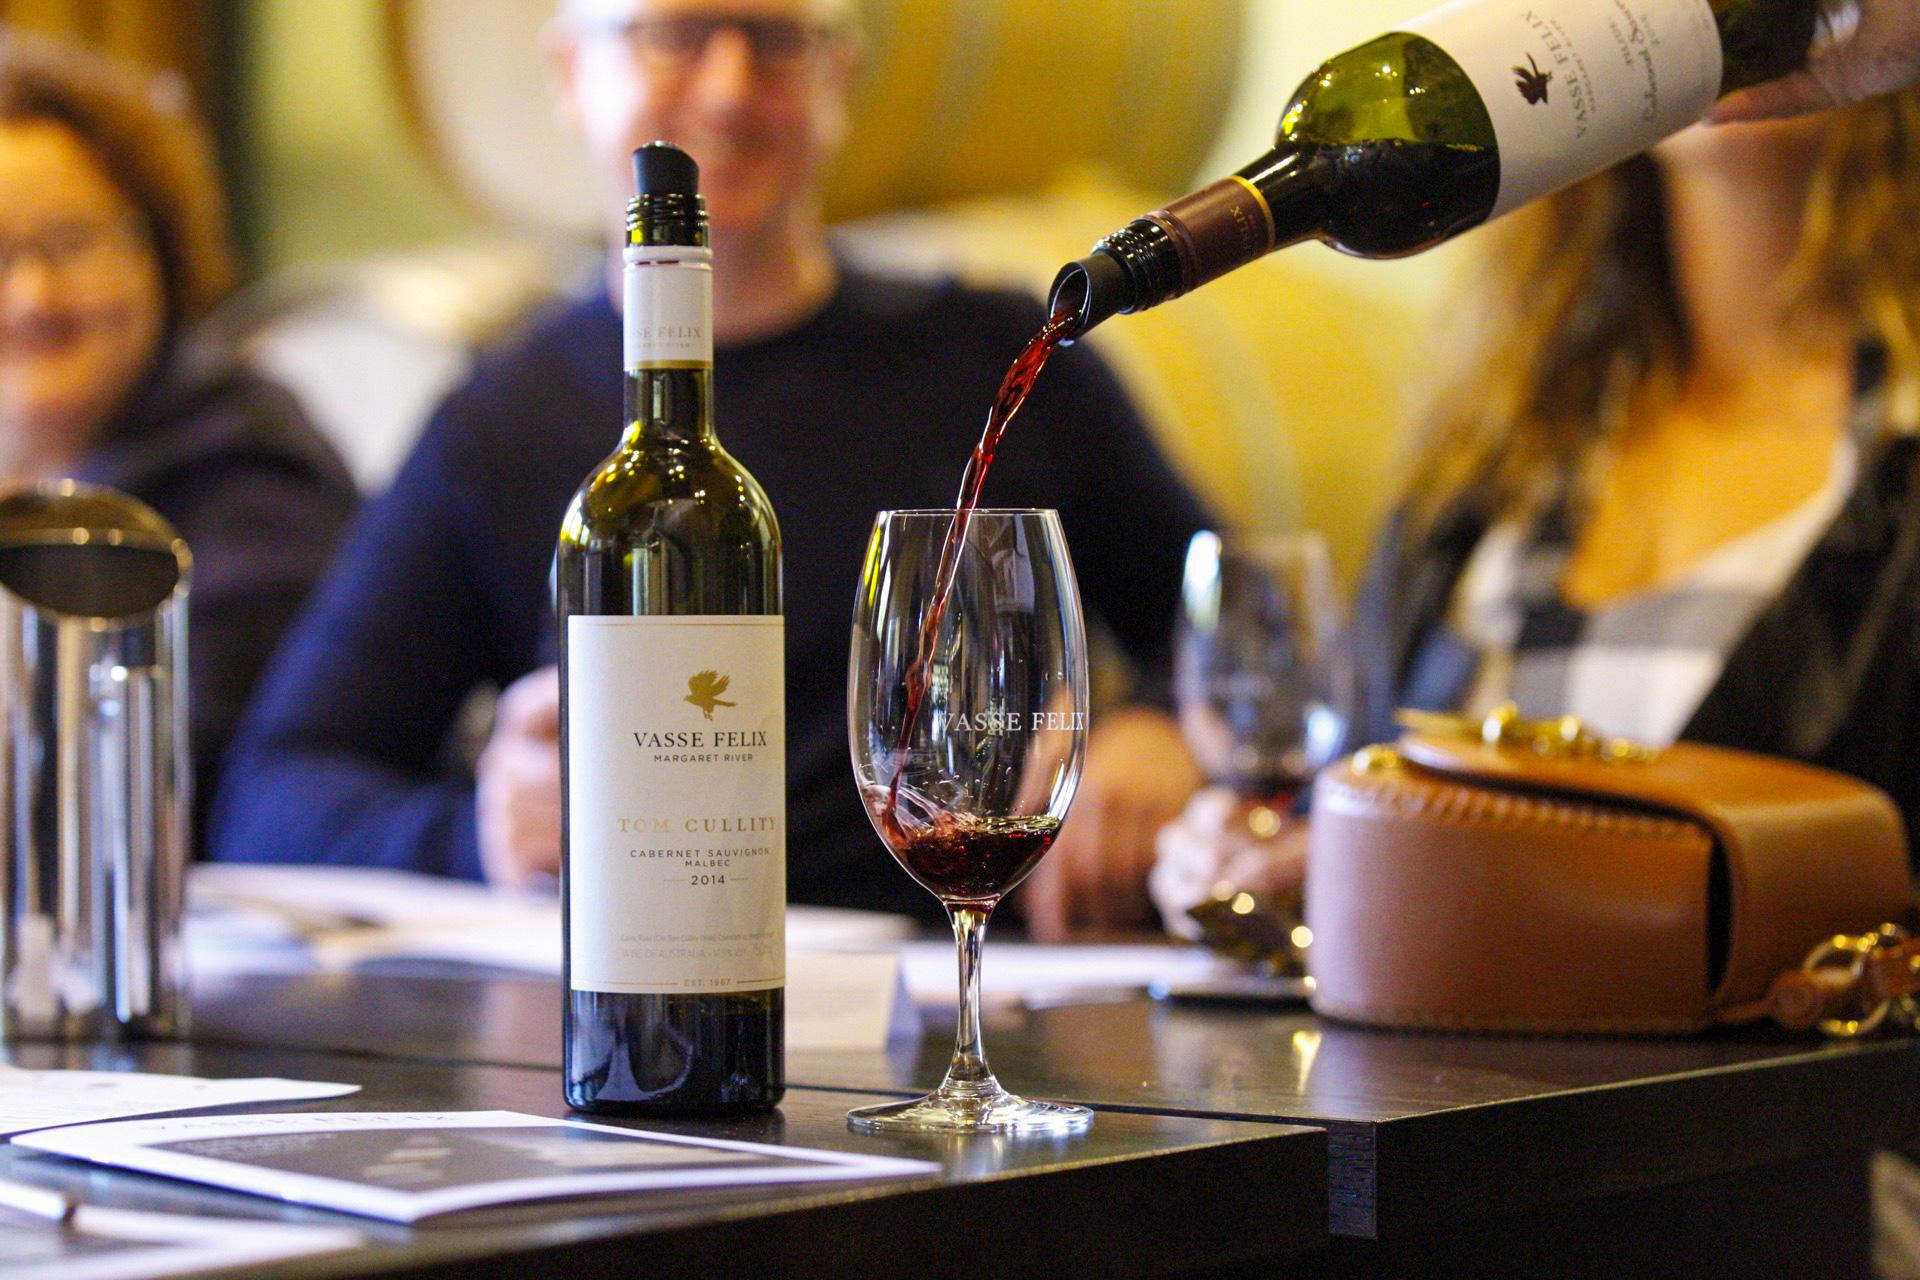 Wine tasting - Vasse Felix 2